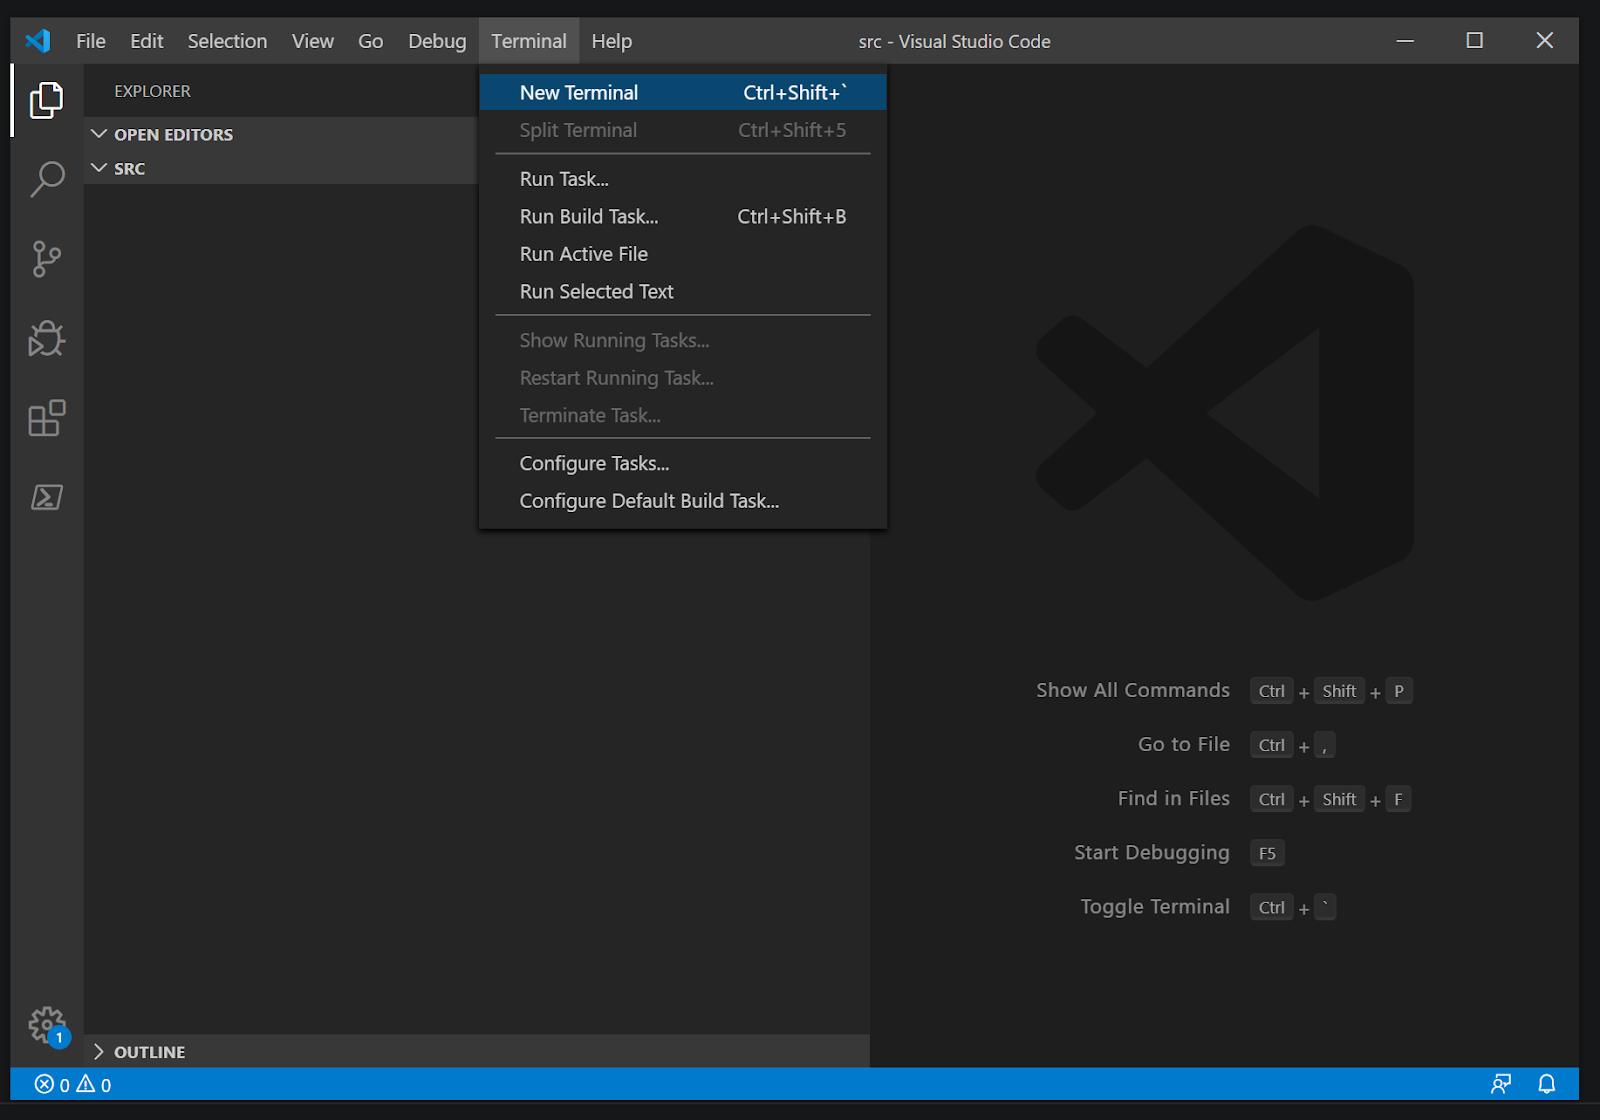 Open new terminal in VS Code